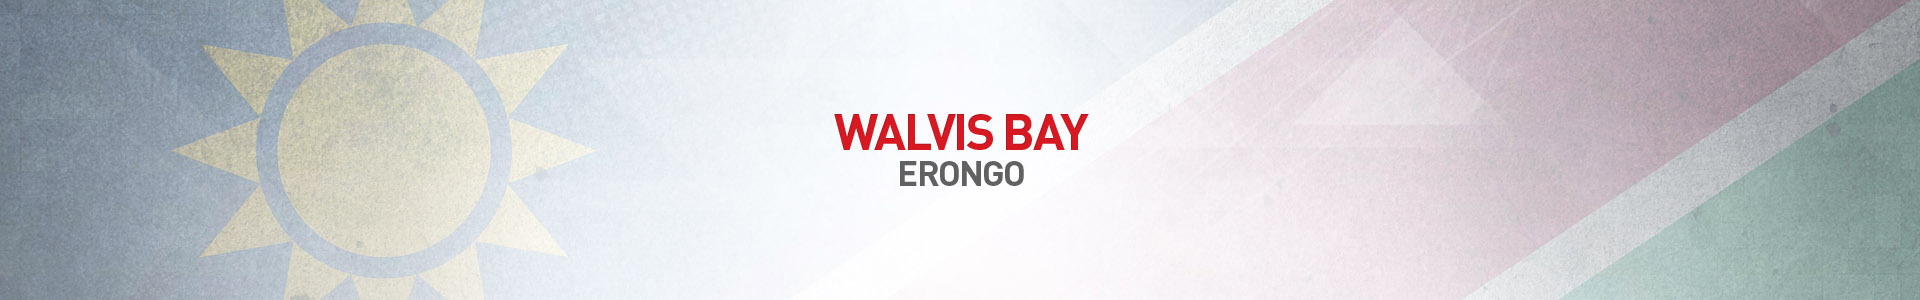 Topo-Cidades-Walvis-Bay-SBA